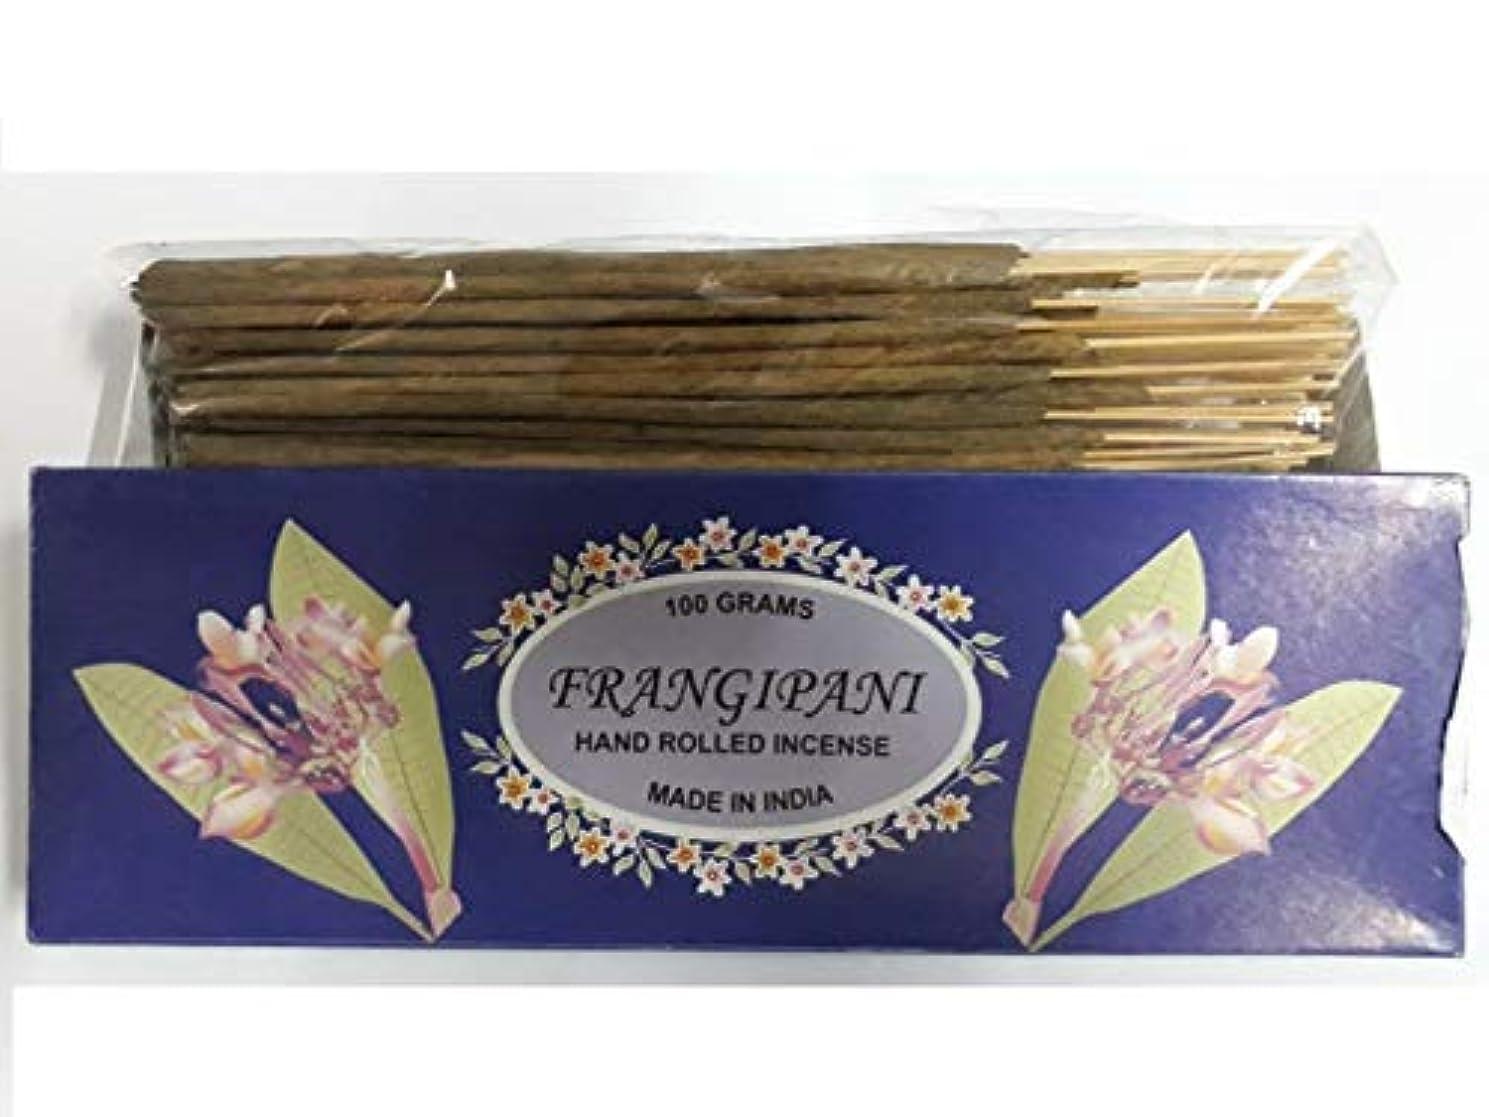 考案するカビ課税Frangipani フランジパニ Agarbatti Incense Sticks 線香 100 grams Hand Rolled Incense